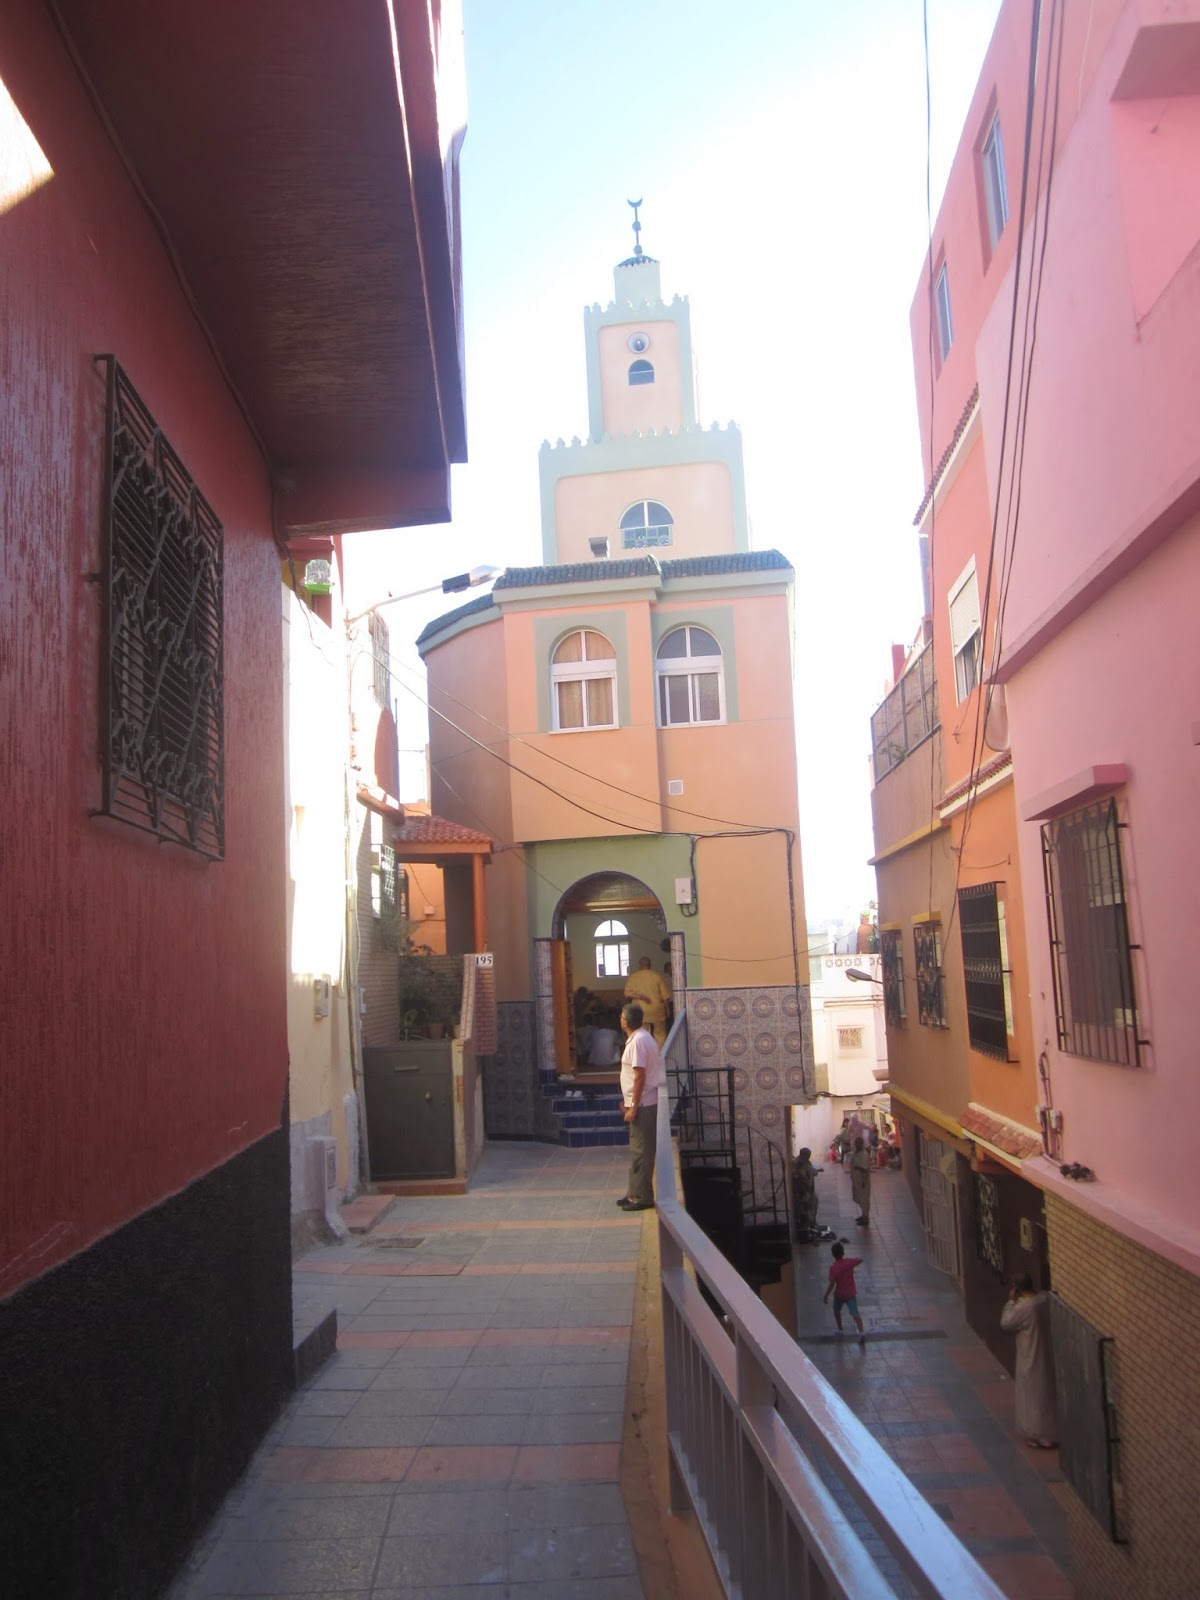 Inauguración de la Mezquita Anas ibn Maalik de Ceuta